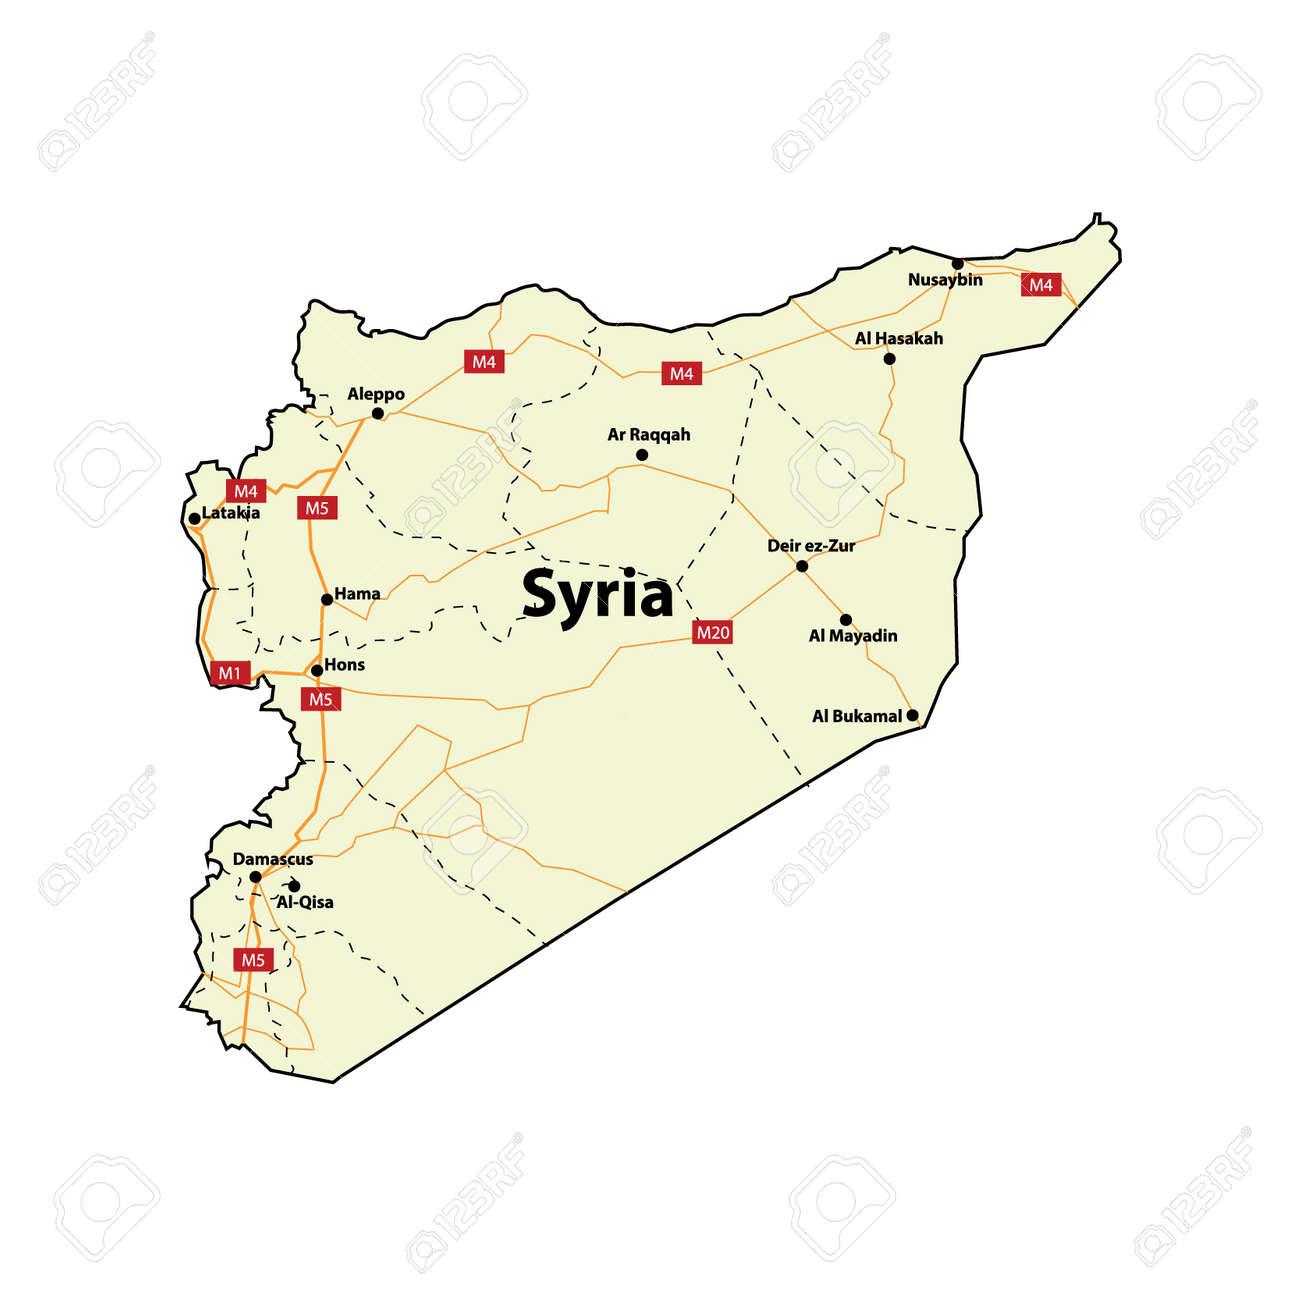 Syrien Karte Mit Städten.Stock Photo